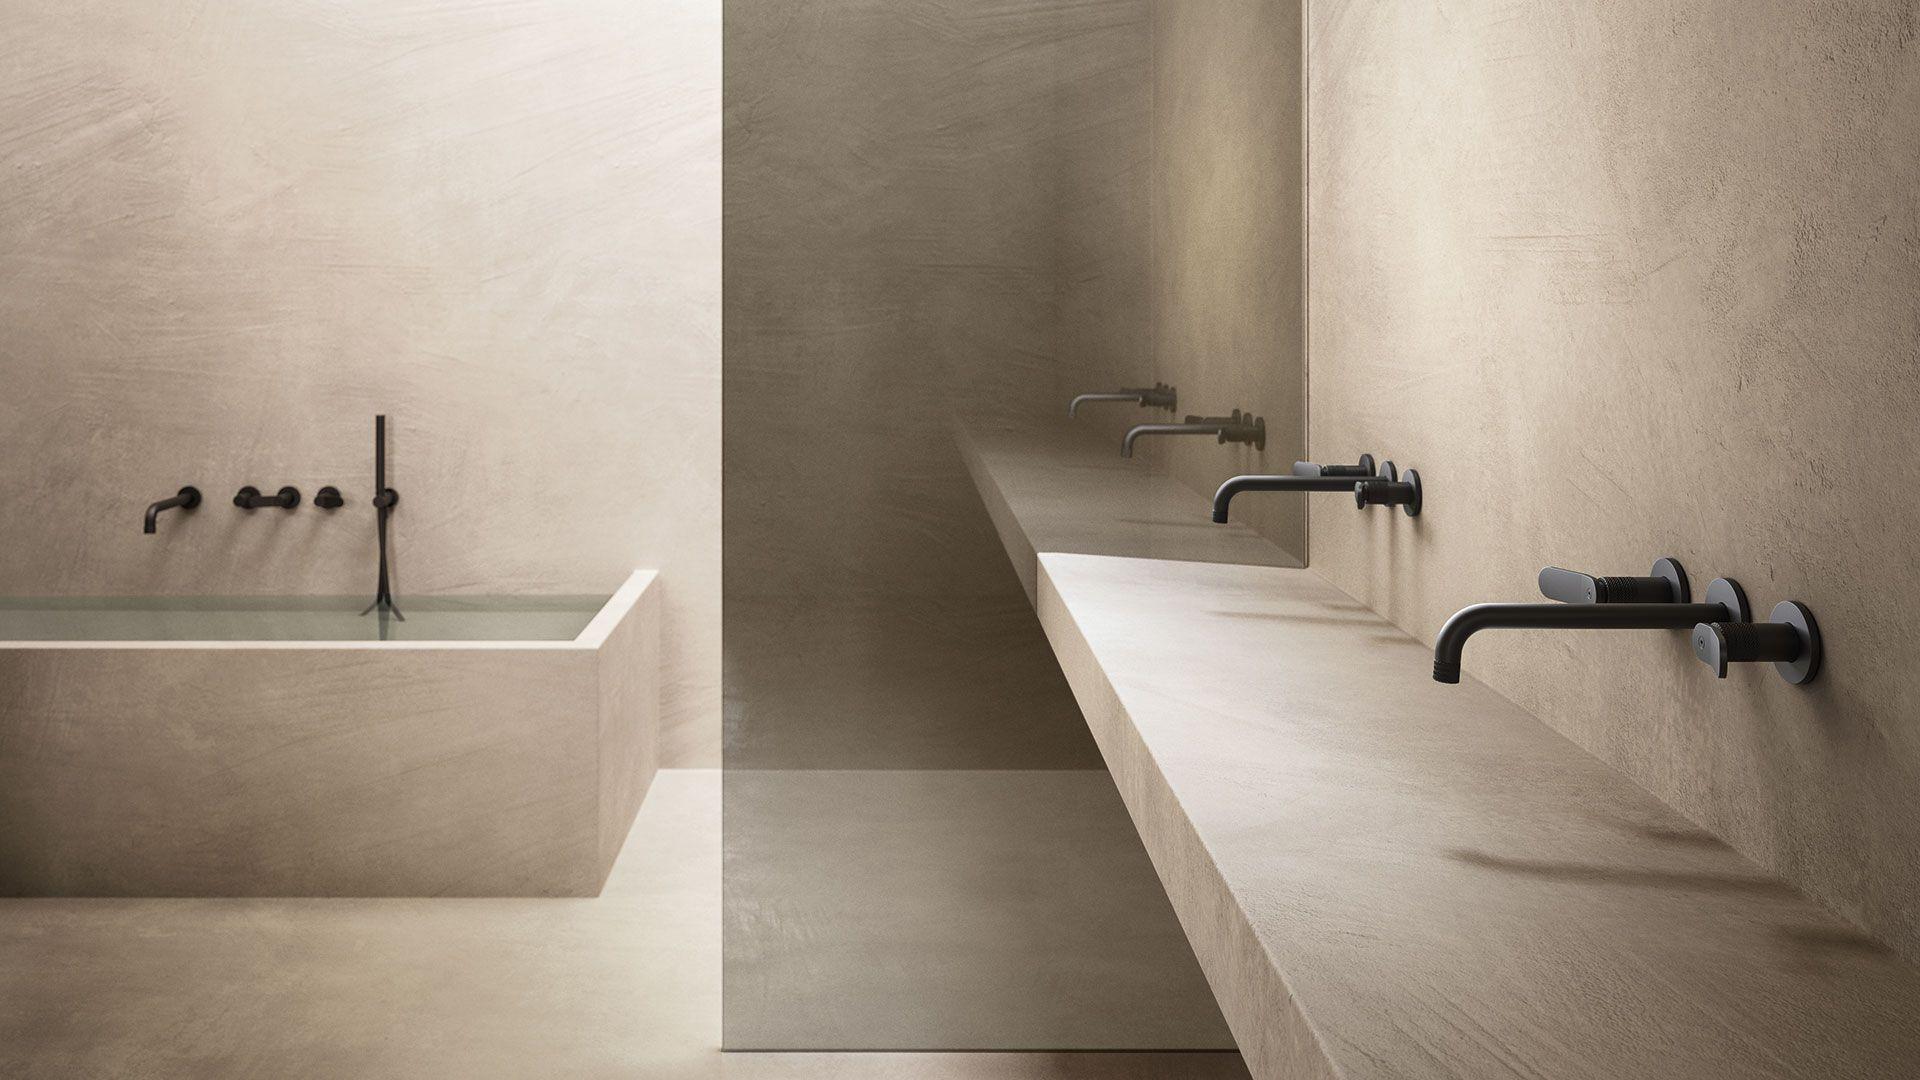 Bad Und Kuchenarmaturen Duschsysteme Cristina